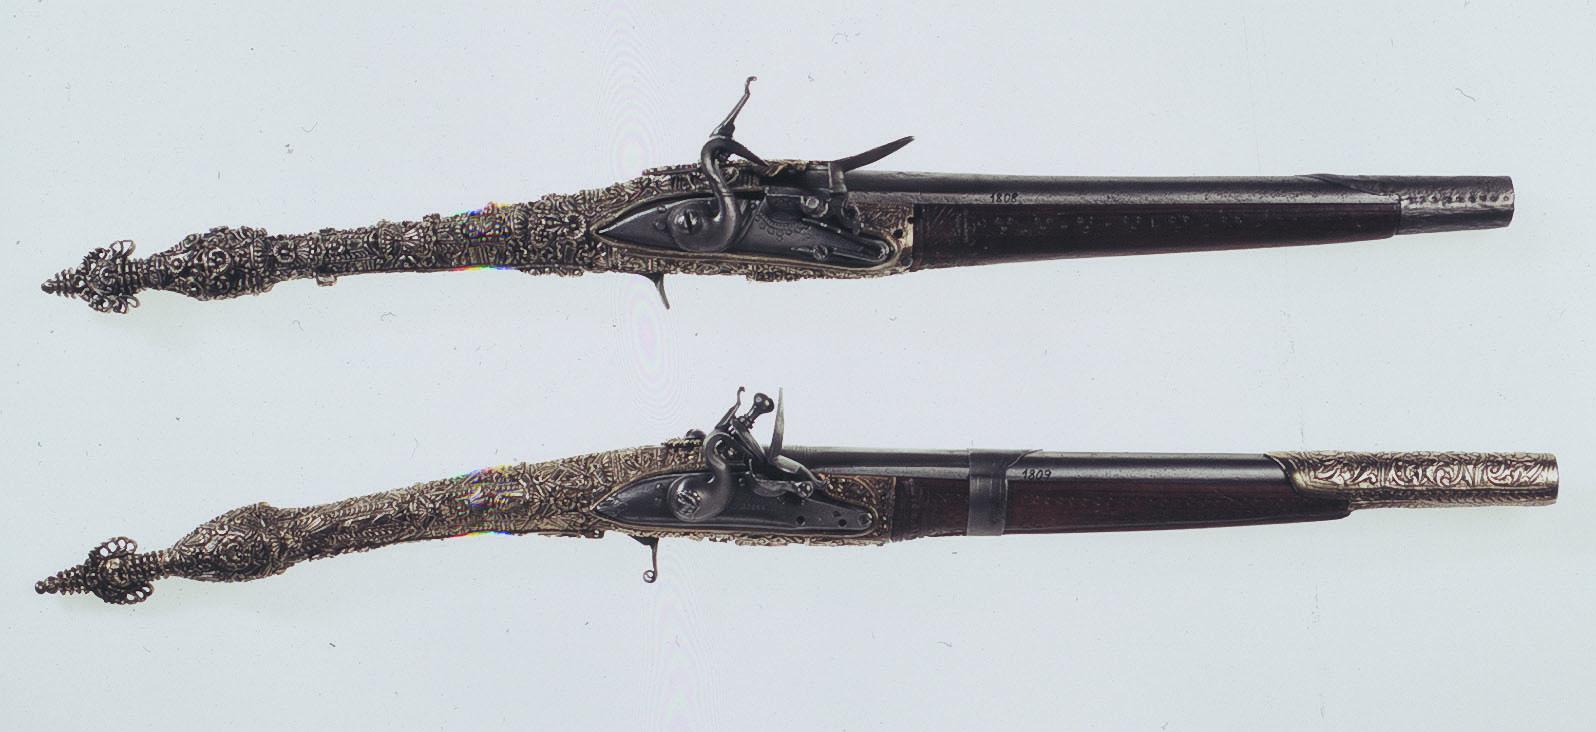 Πιστόλες του Νικηταρά,  ΙΕΕΕ-ΕΙΜ, Ζεύγος πιστόλες αρβανίτικου τύπου, με αργυρή διακόσμηση στην ευθύγραμμη λαβή. Ατσάλι, ασήμι, μηχανισμός πυρόλιθου, αρχές 19ου αι.